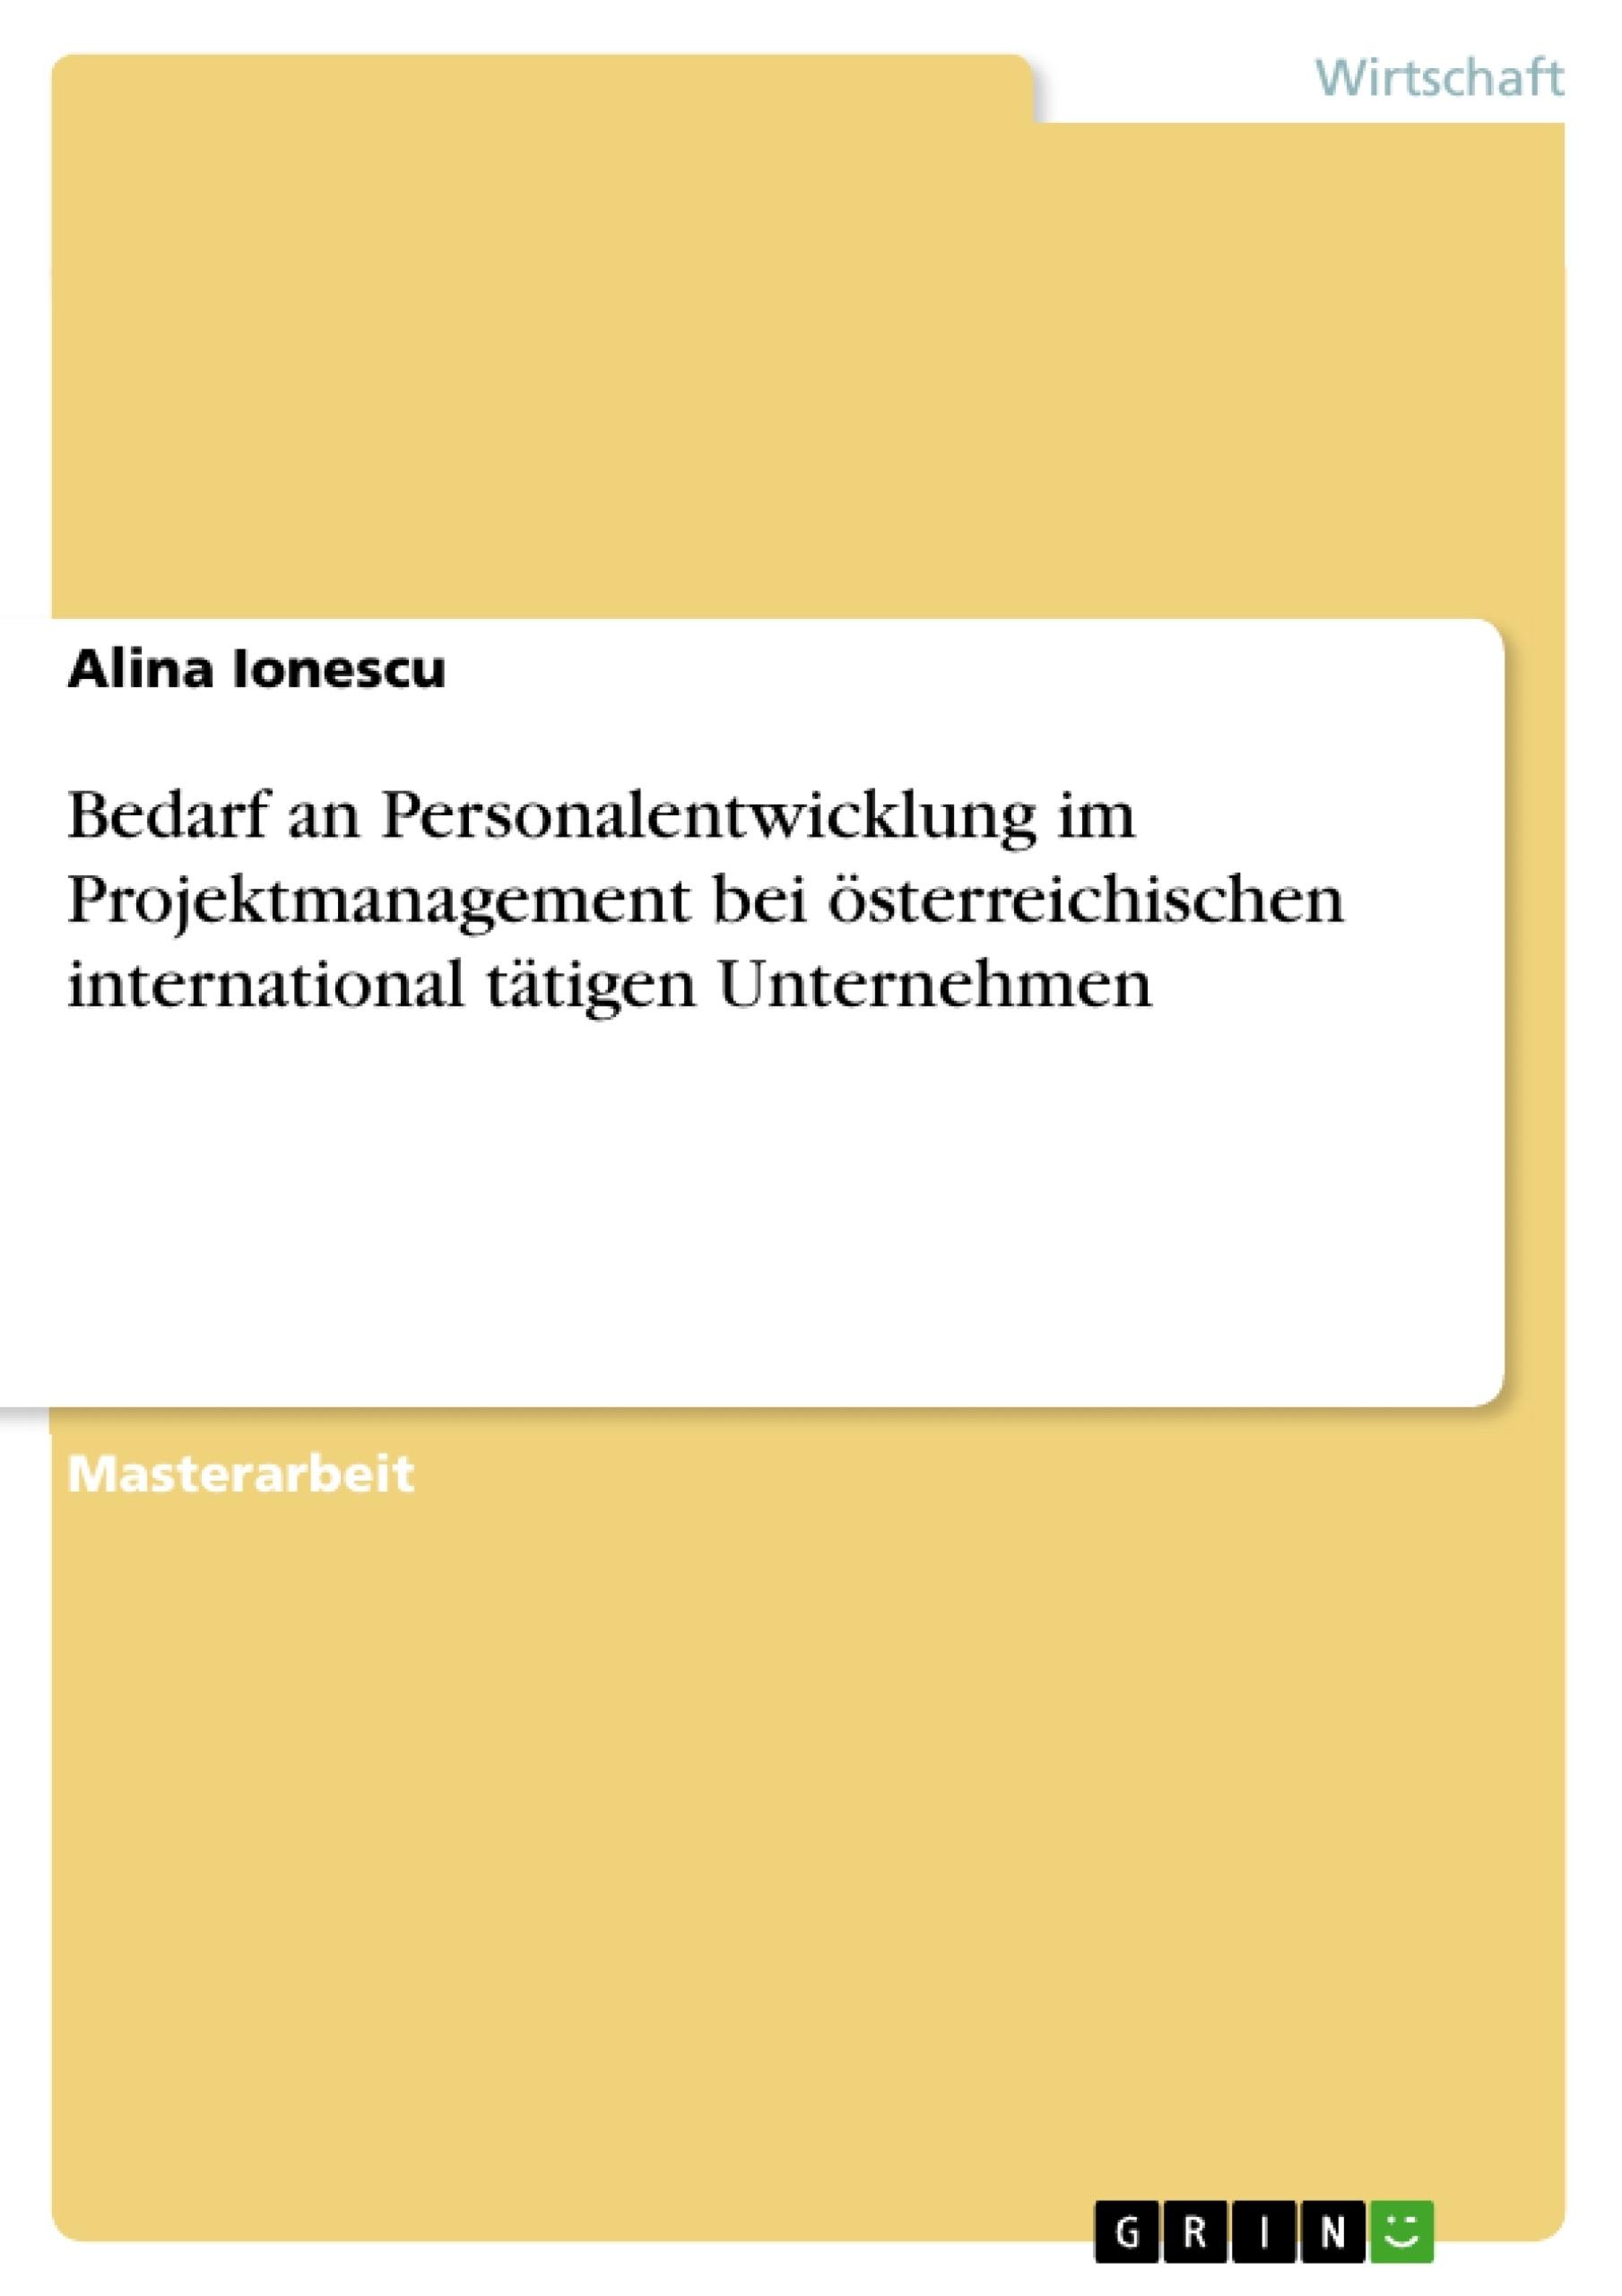 Titel: Bedarf an Personalentwicklung im Projektmanagement bei österreichischen international tätigen Unternehmen